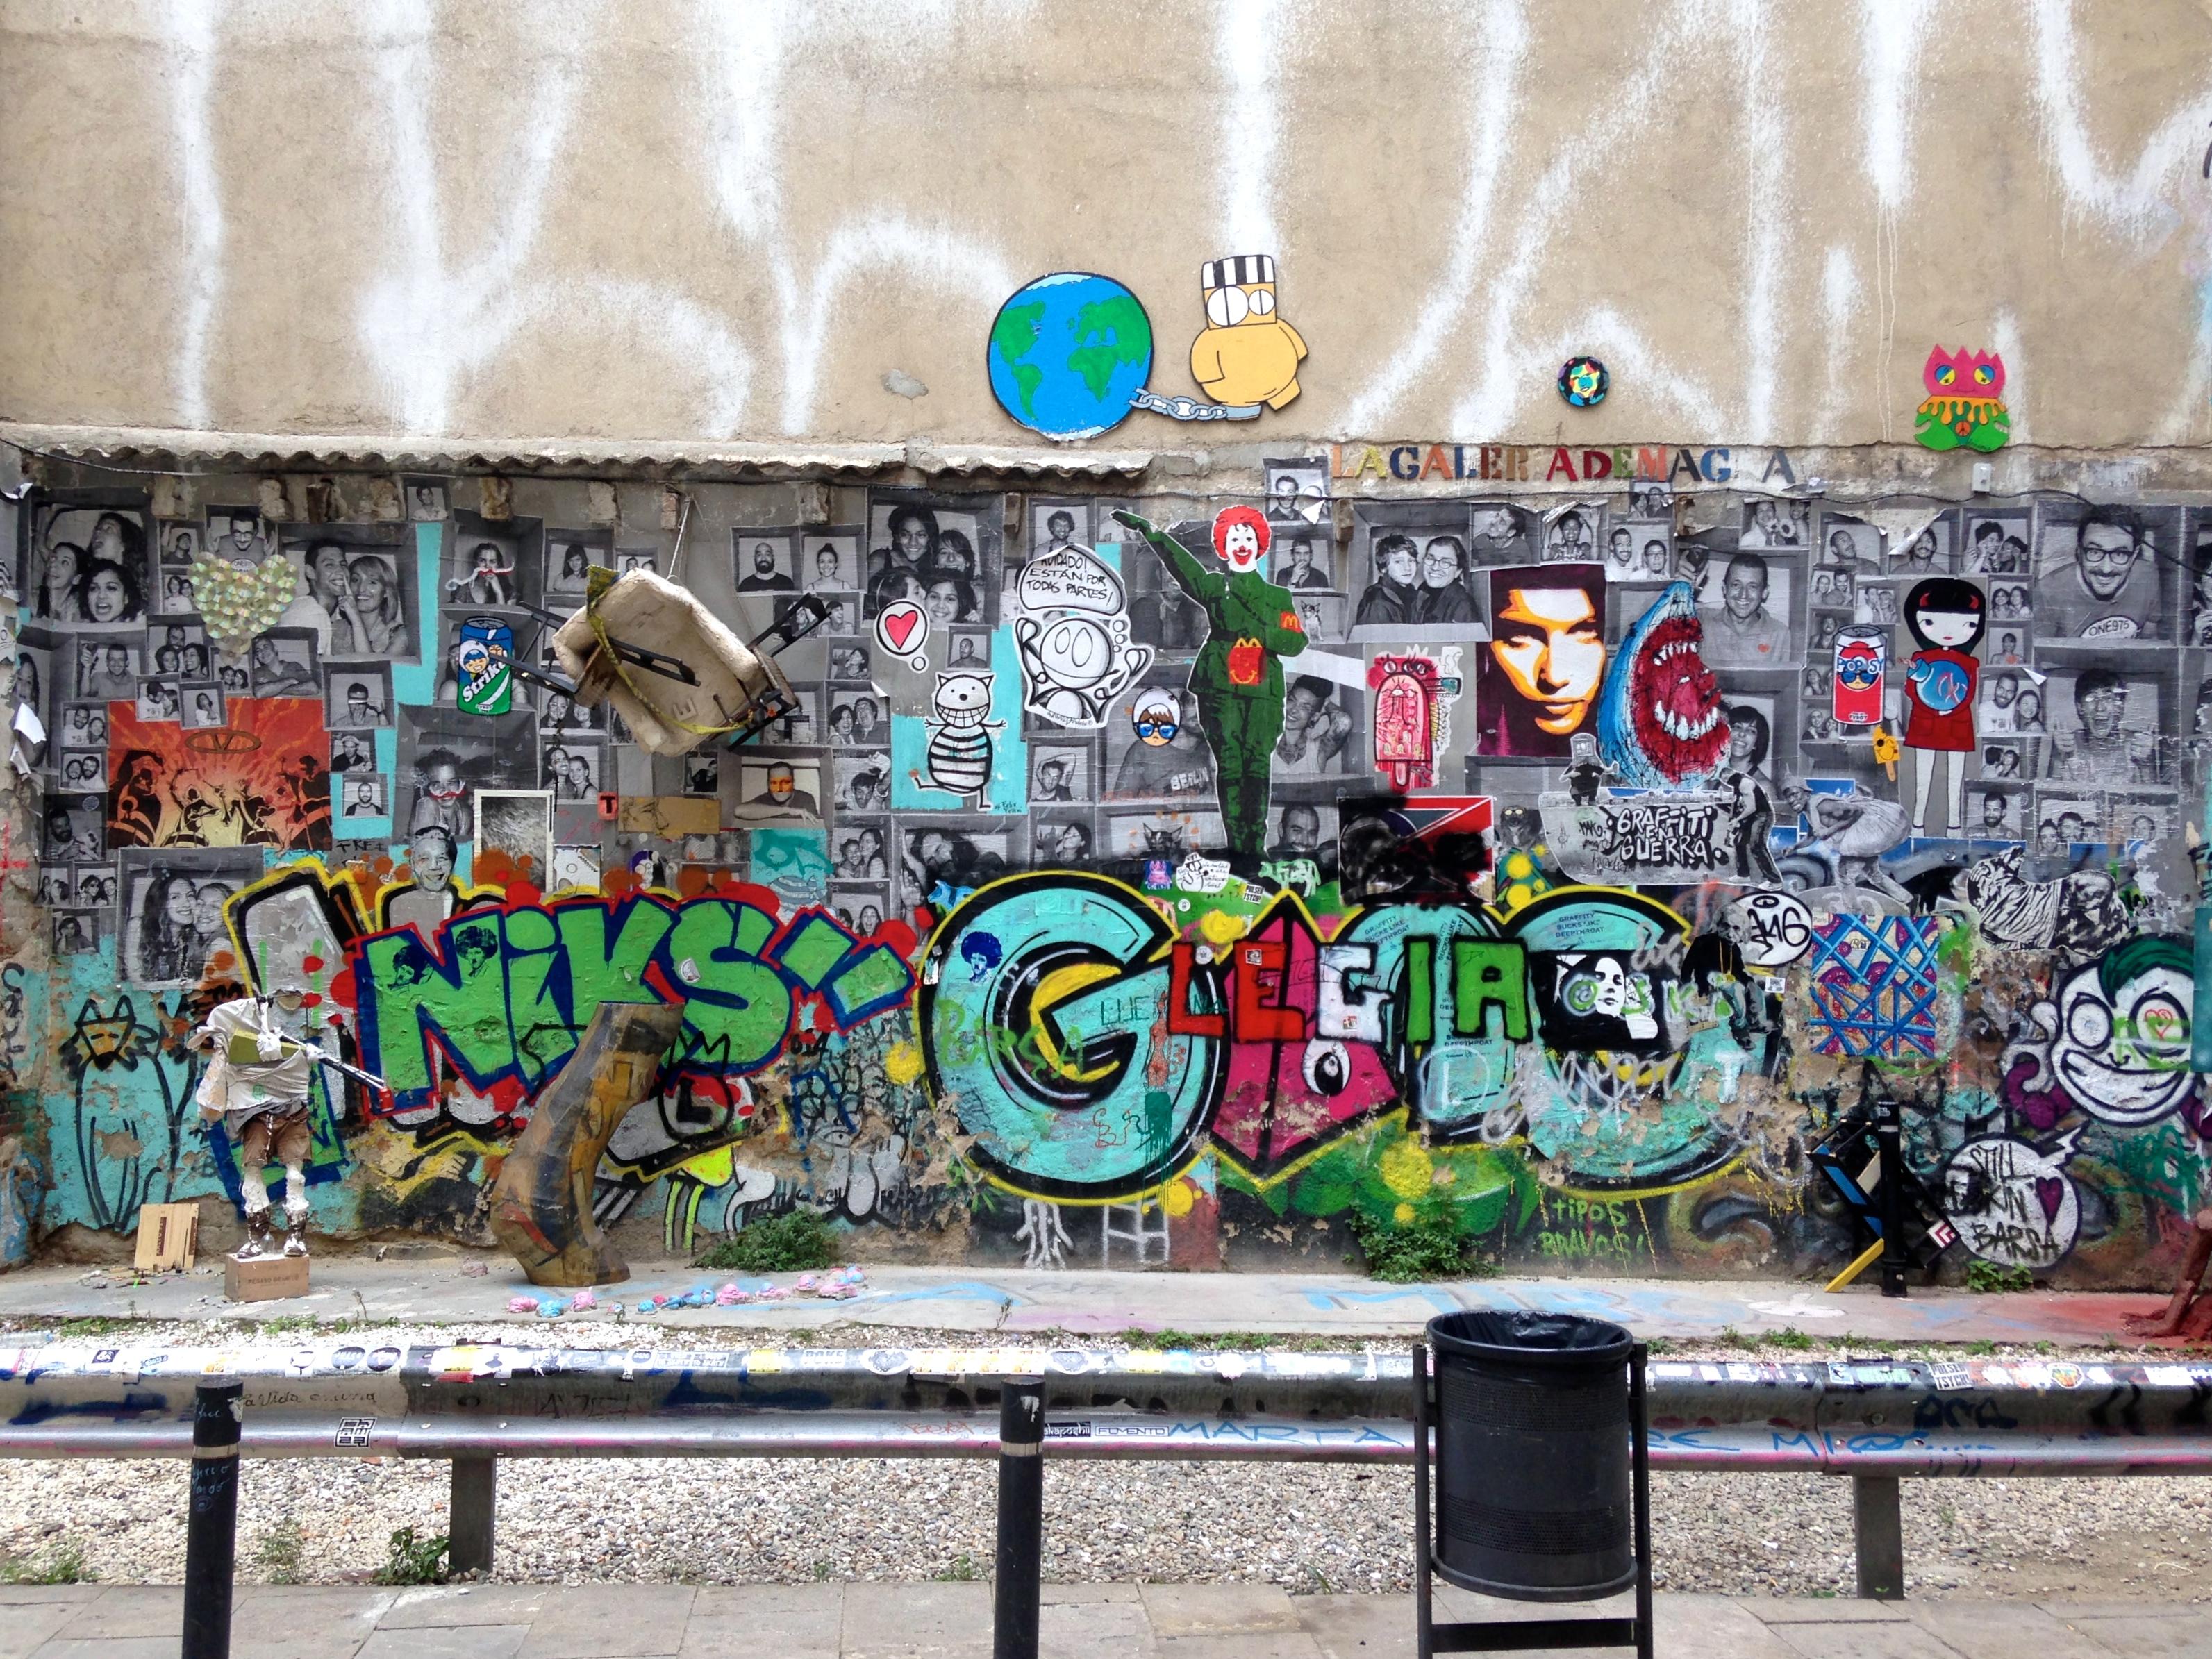 Collaborative graffiti wall